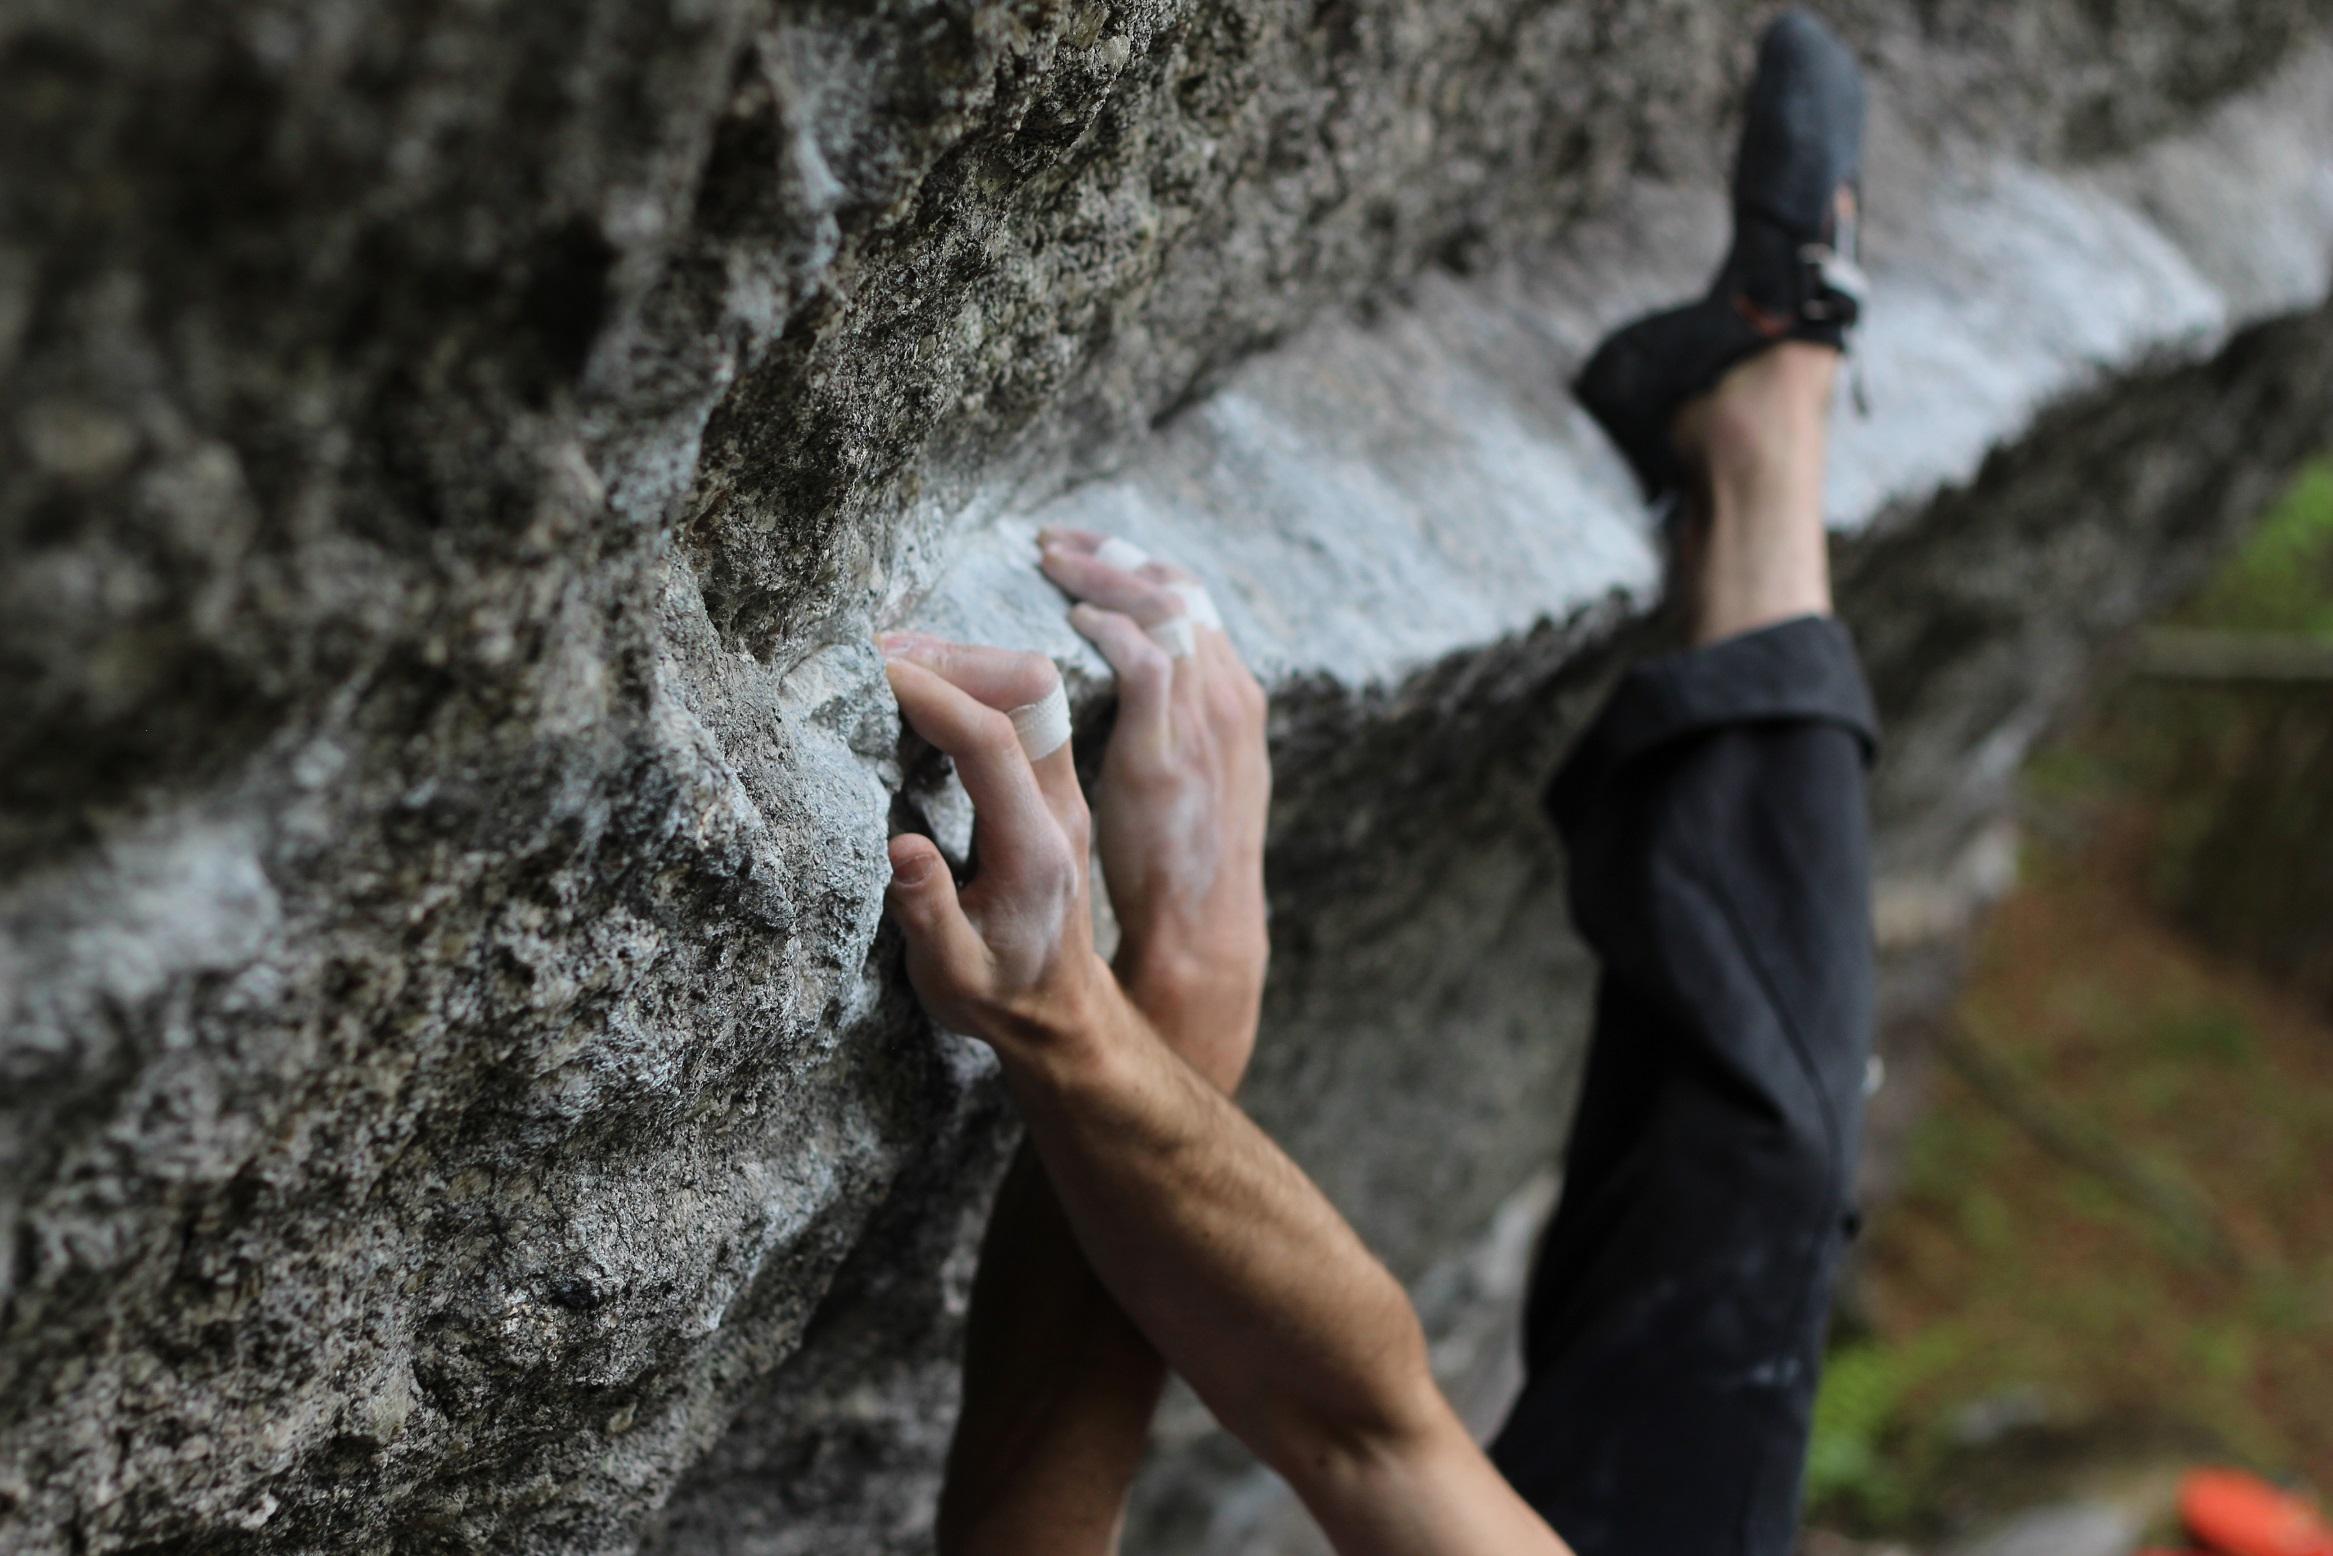 Recensione prodotto: 5.10 Five Ten Team Black scarpette arrampicata